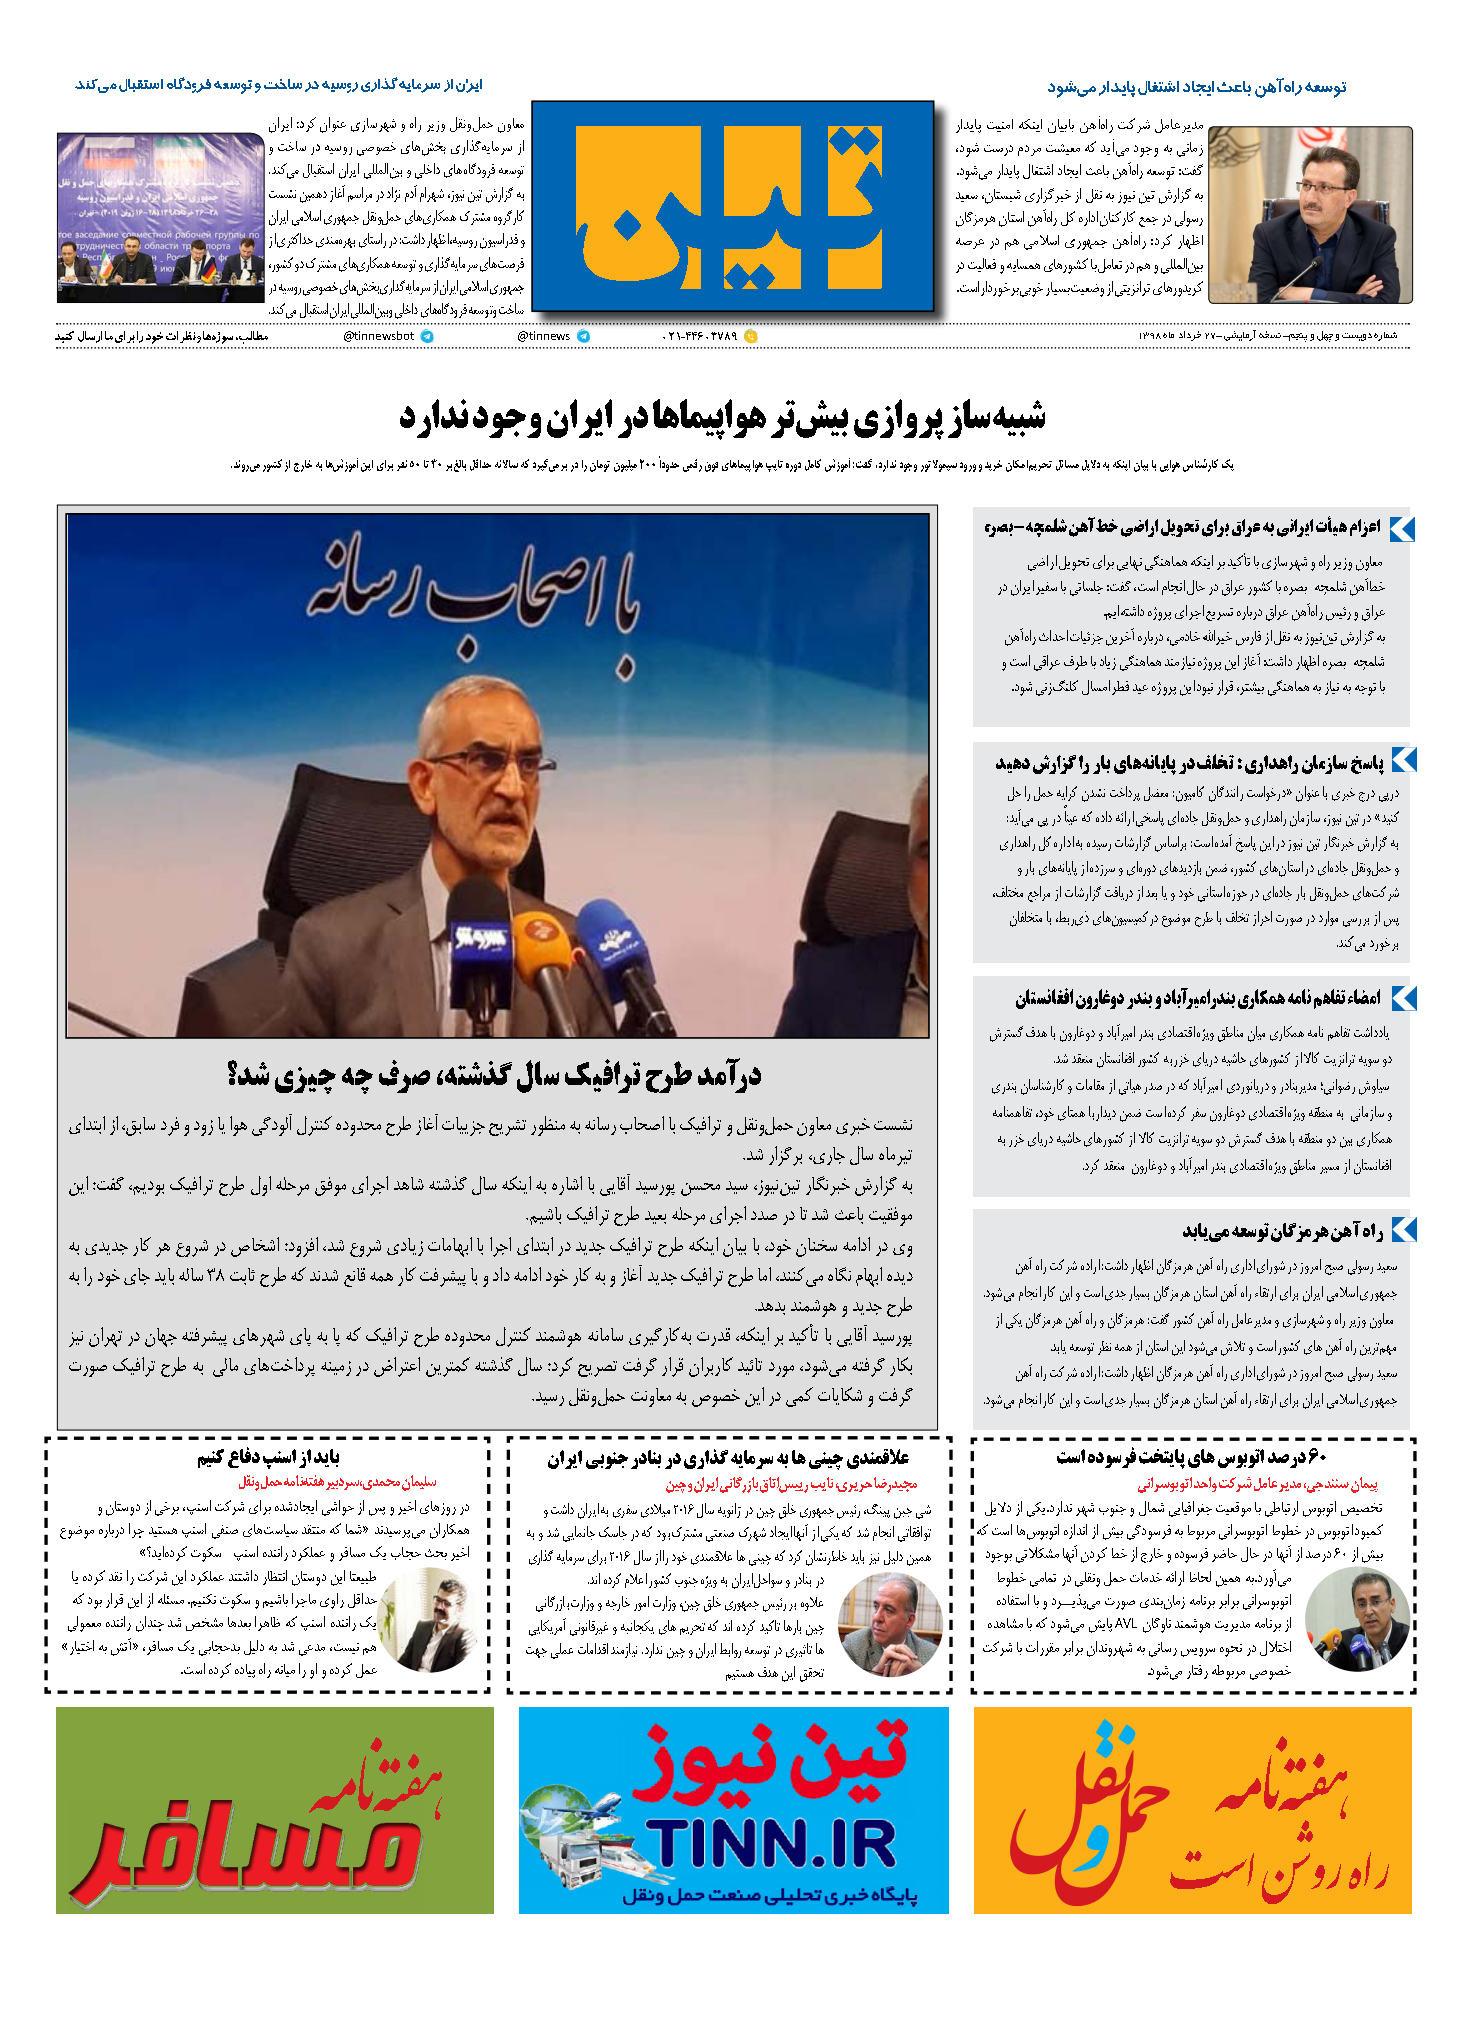 روزنامه الکترونیک 27 خرداد ماه 98